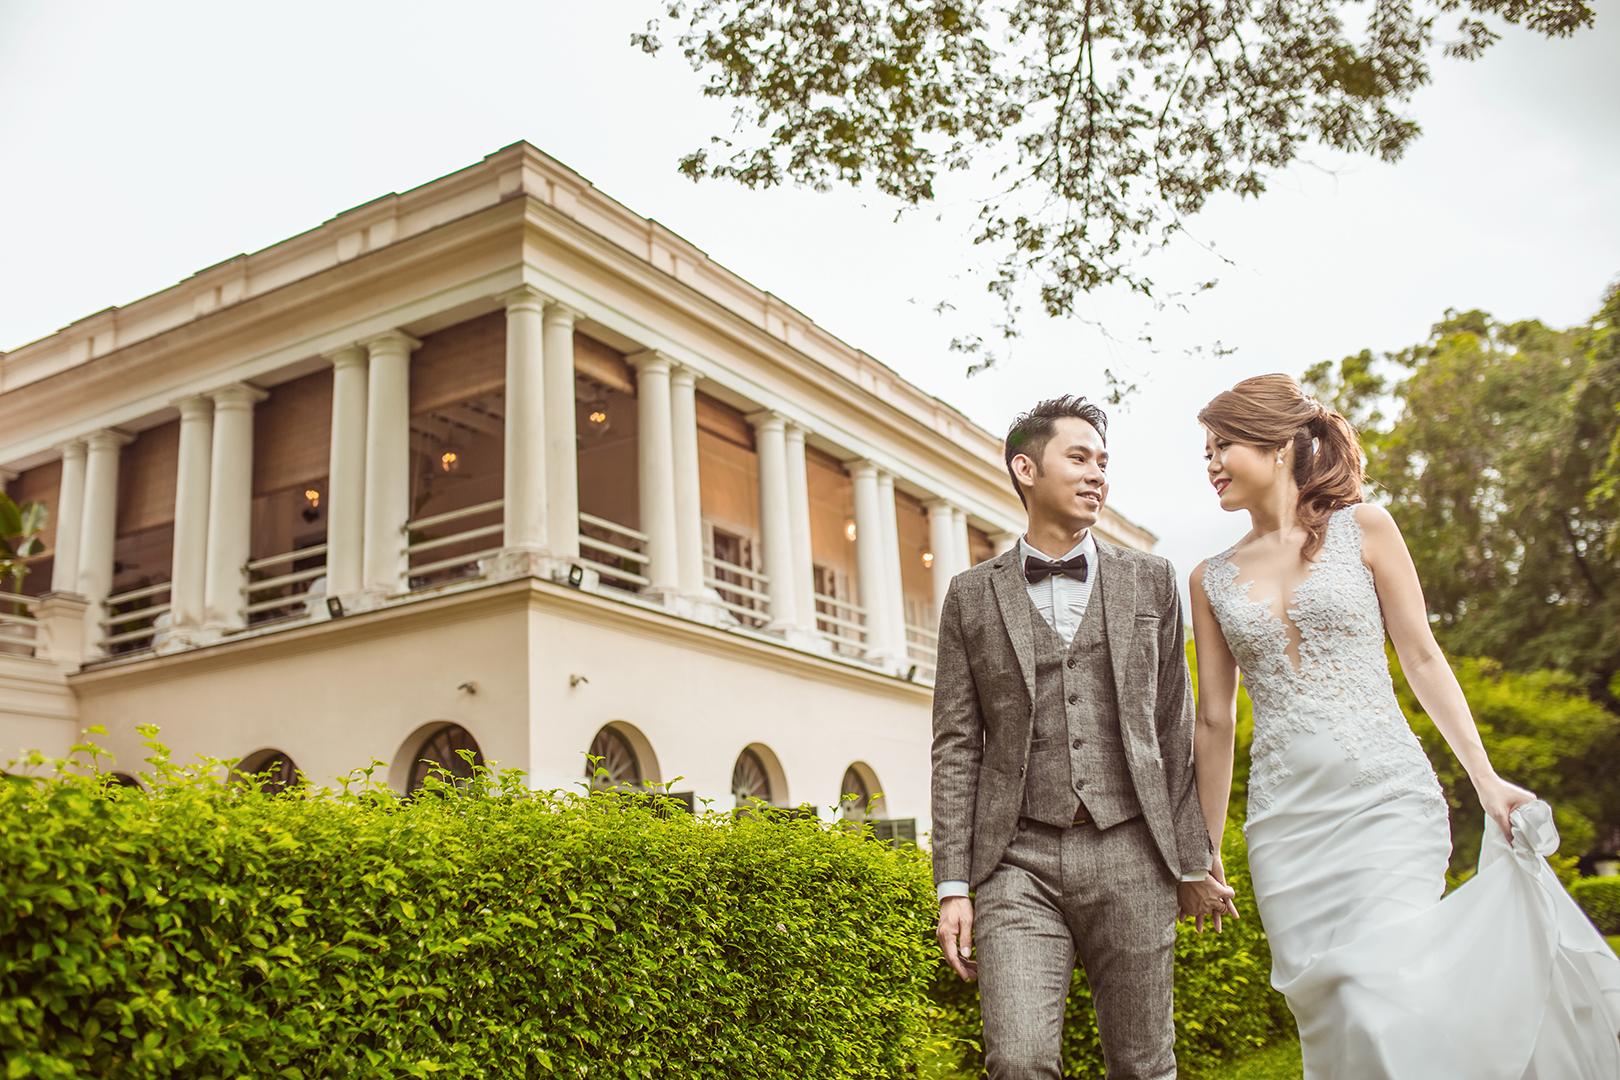 Shirley eddy emmanuel haute couture penang wedding dresses bridal - Emmanuel haute couture ...